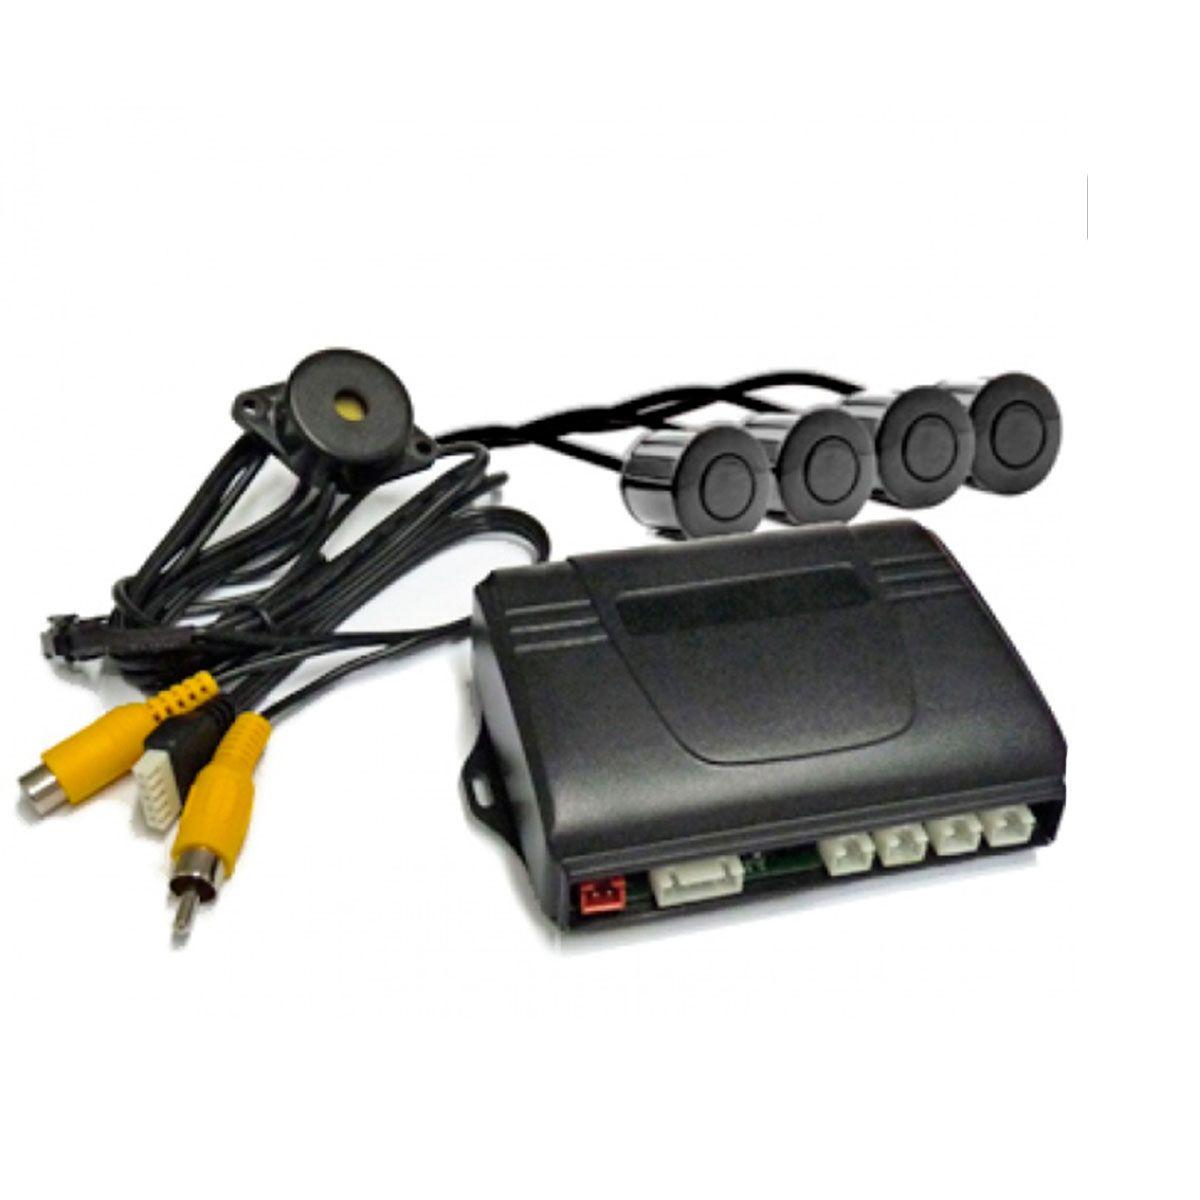 Sensor de Re Estacionamento 4 Sensores Prata para Central Multimidia OEM